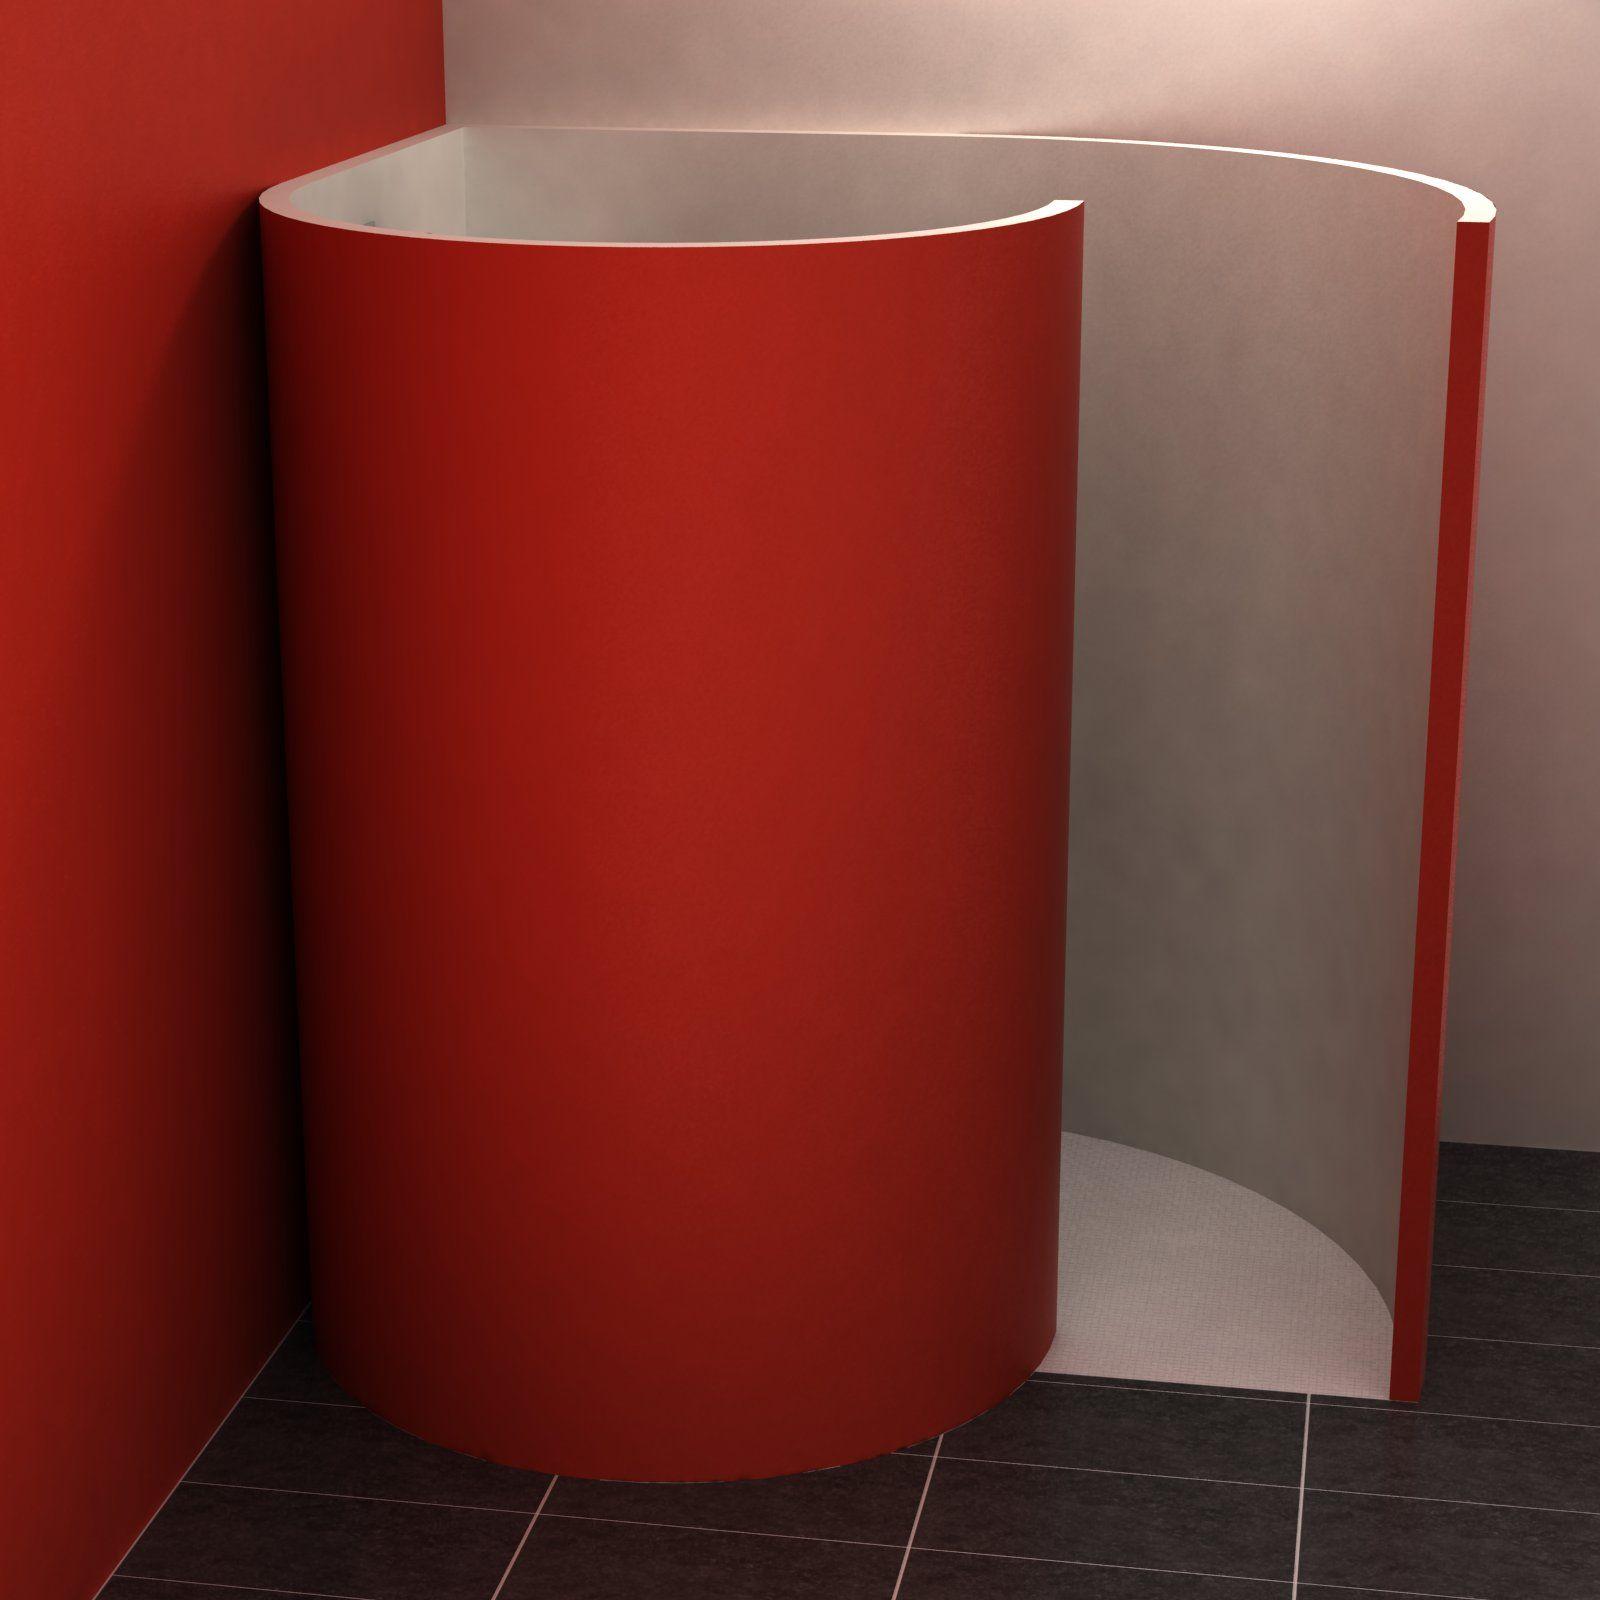 zur aufnahme der 5 cm starken wandelemente aus wedi bauplatten ist eine nute in das. Black Bedroom Furniture Sets. Home Design Ideas